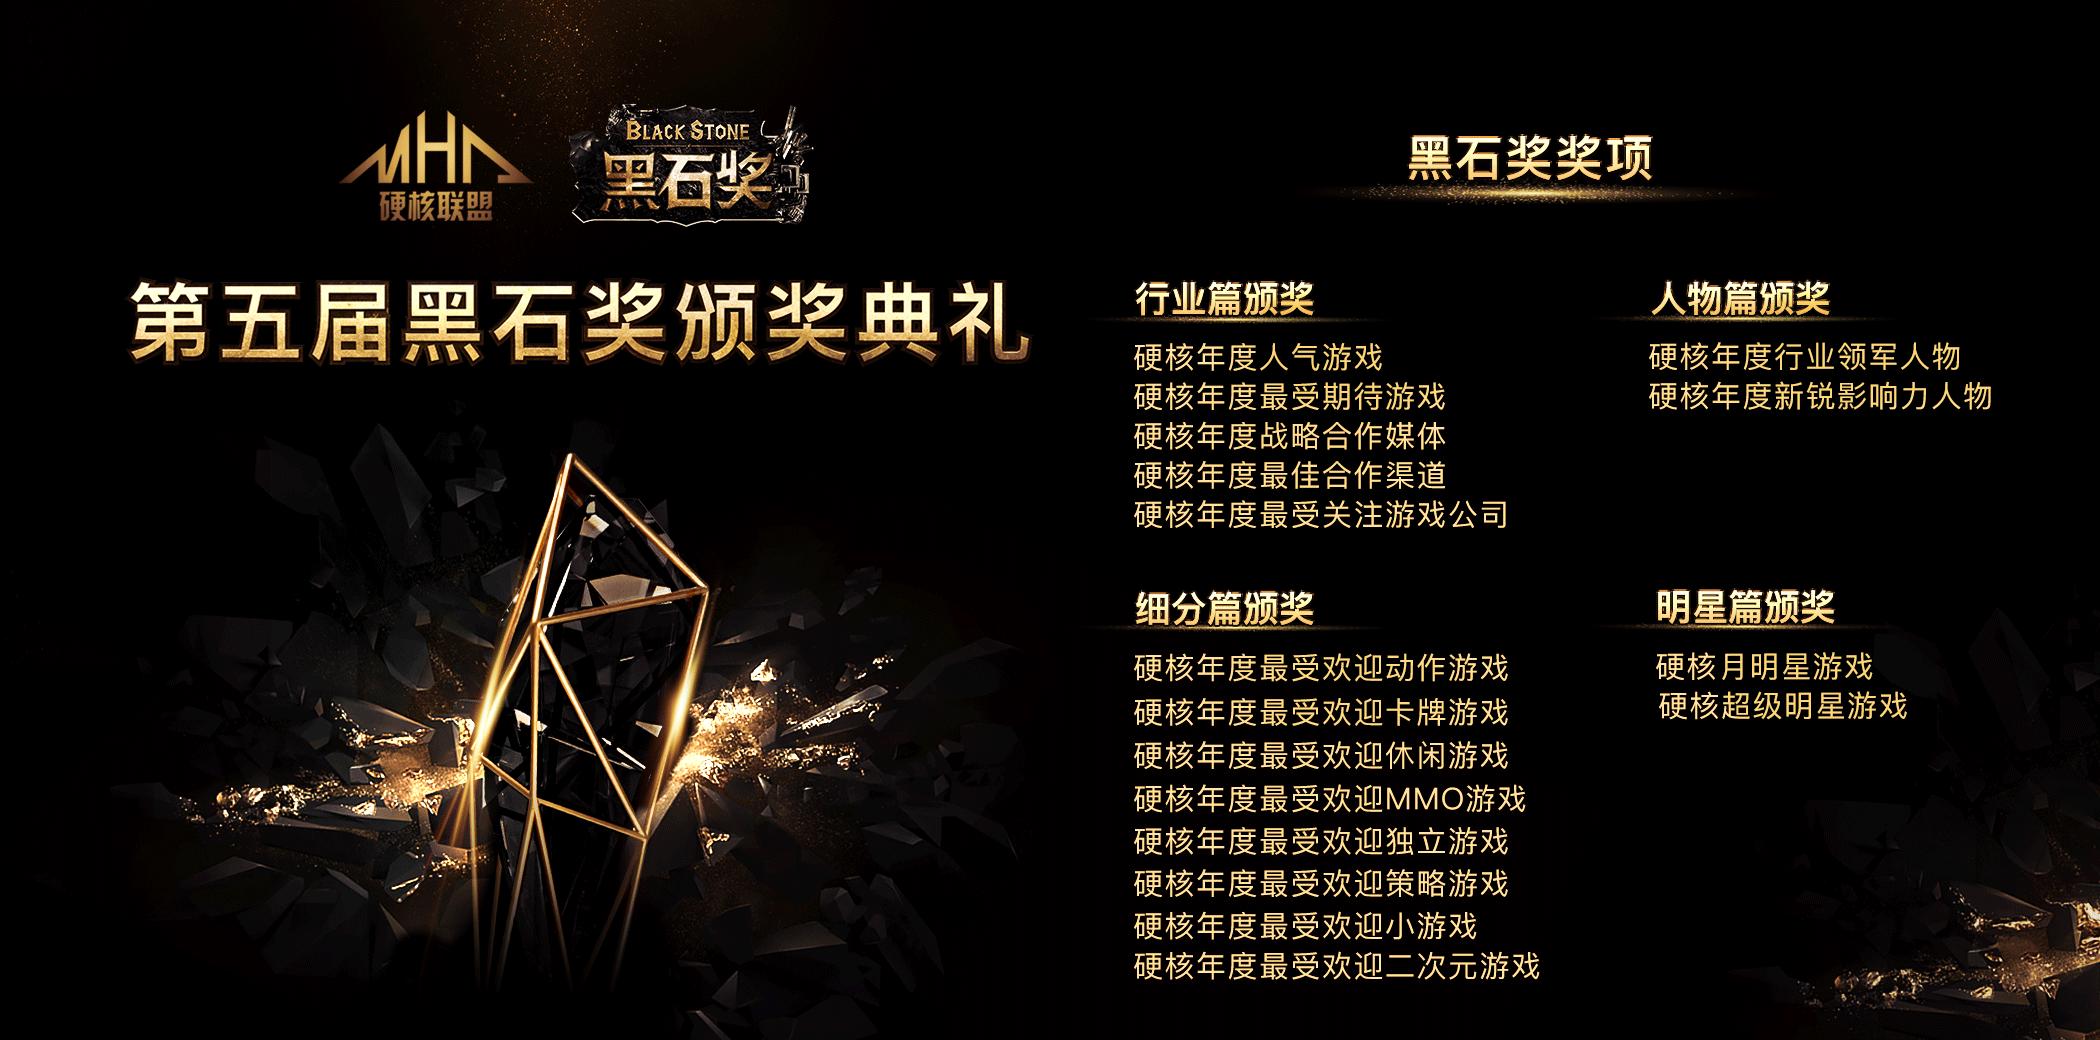 """硬核联盟渠道风向标:""""2019黑石奖""""火热来袭"""